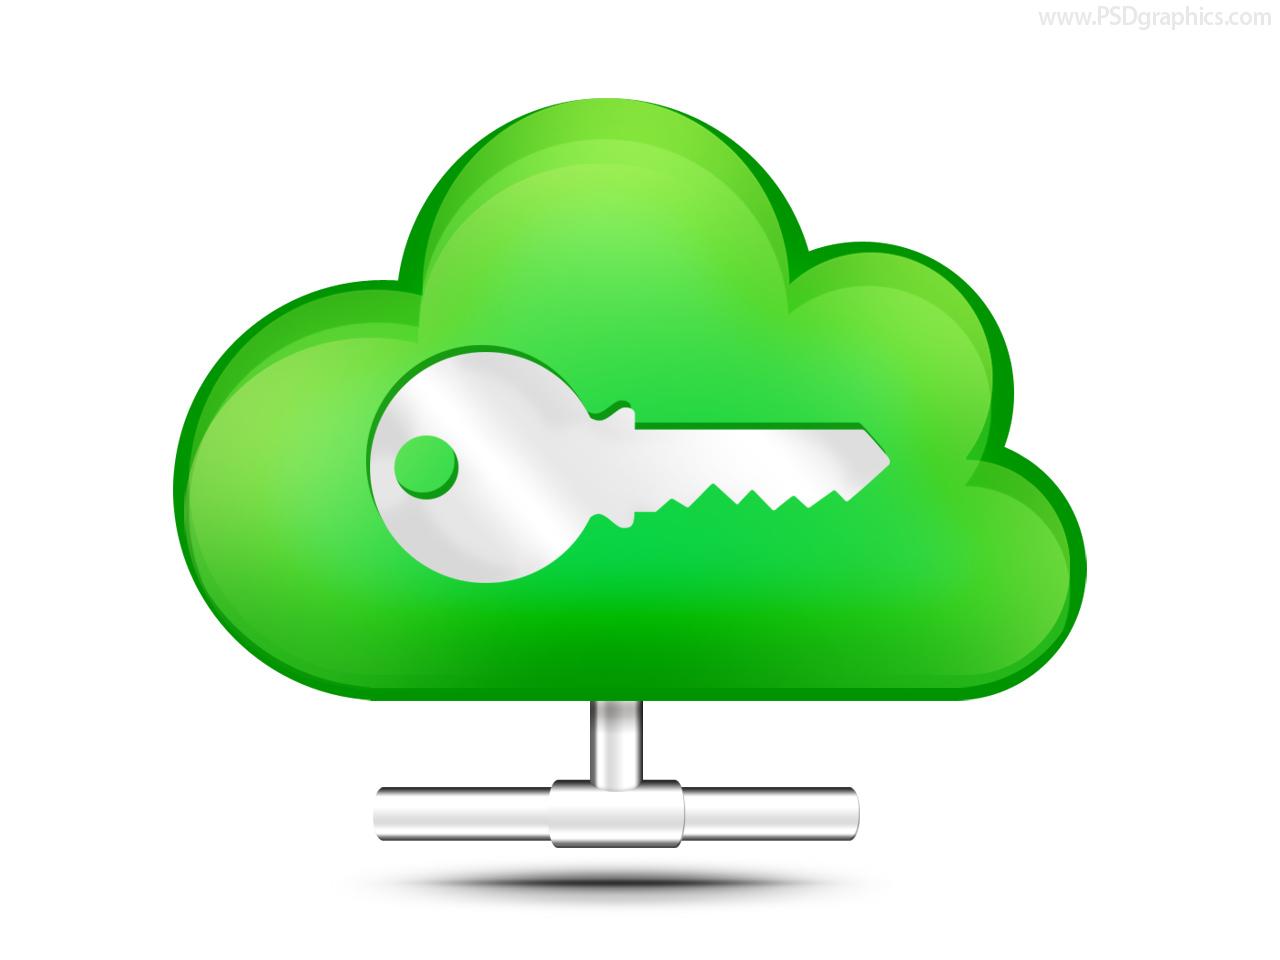 secure cloud Stockage en ligne suisse, transmission cryptée des données – comparer et tester gratuitement espace disque en ligne sécurisé, stockage dans le cloud pour la sécurité des données, sauvegarde en ligne de vos données, documents, mots de passe.